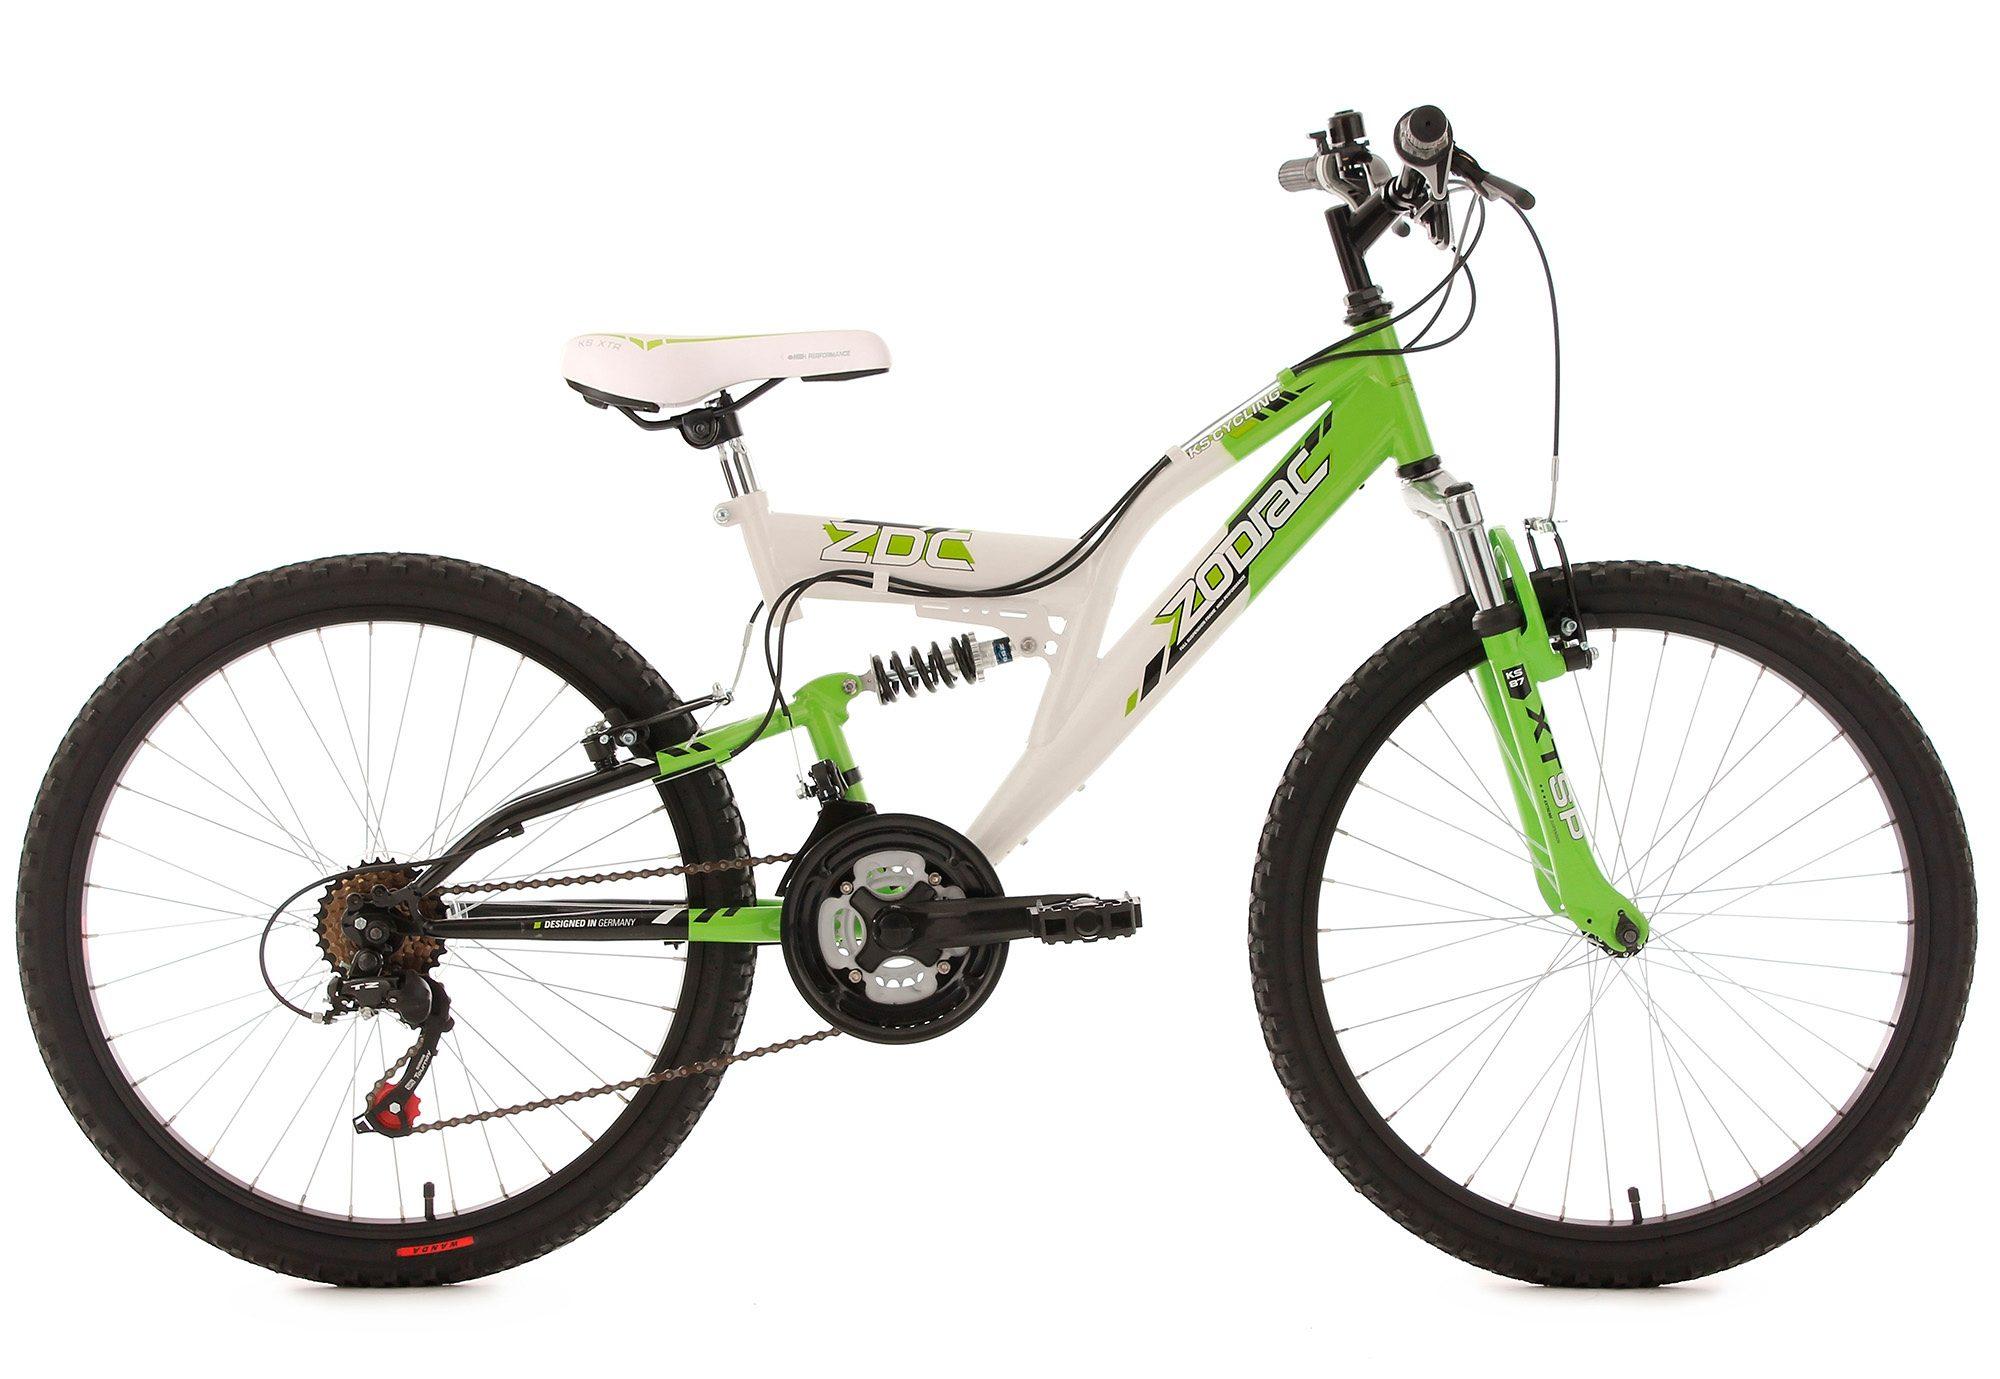 Jugend-Mountainbike, Fully, 24 Zoll, grün-weiß, 18-Gang-Kettenschaltung, »Zodiac«, KS Cycling